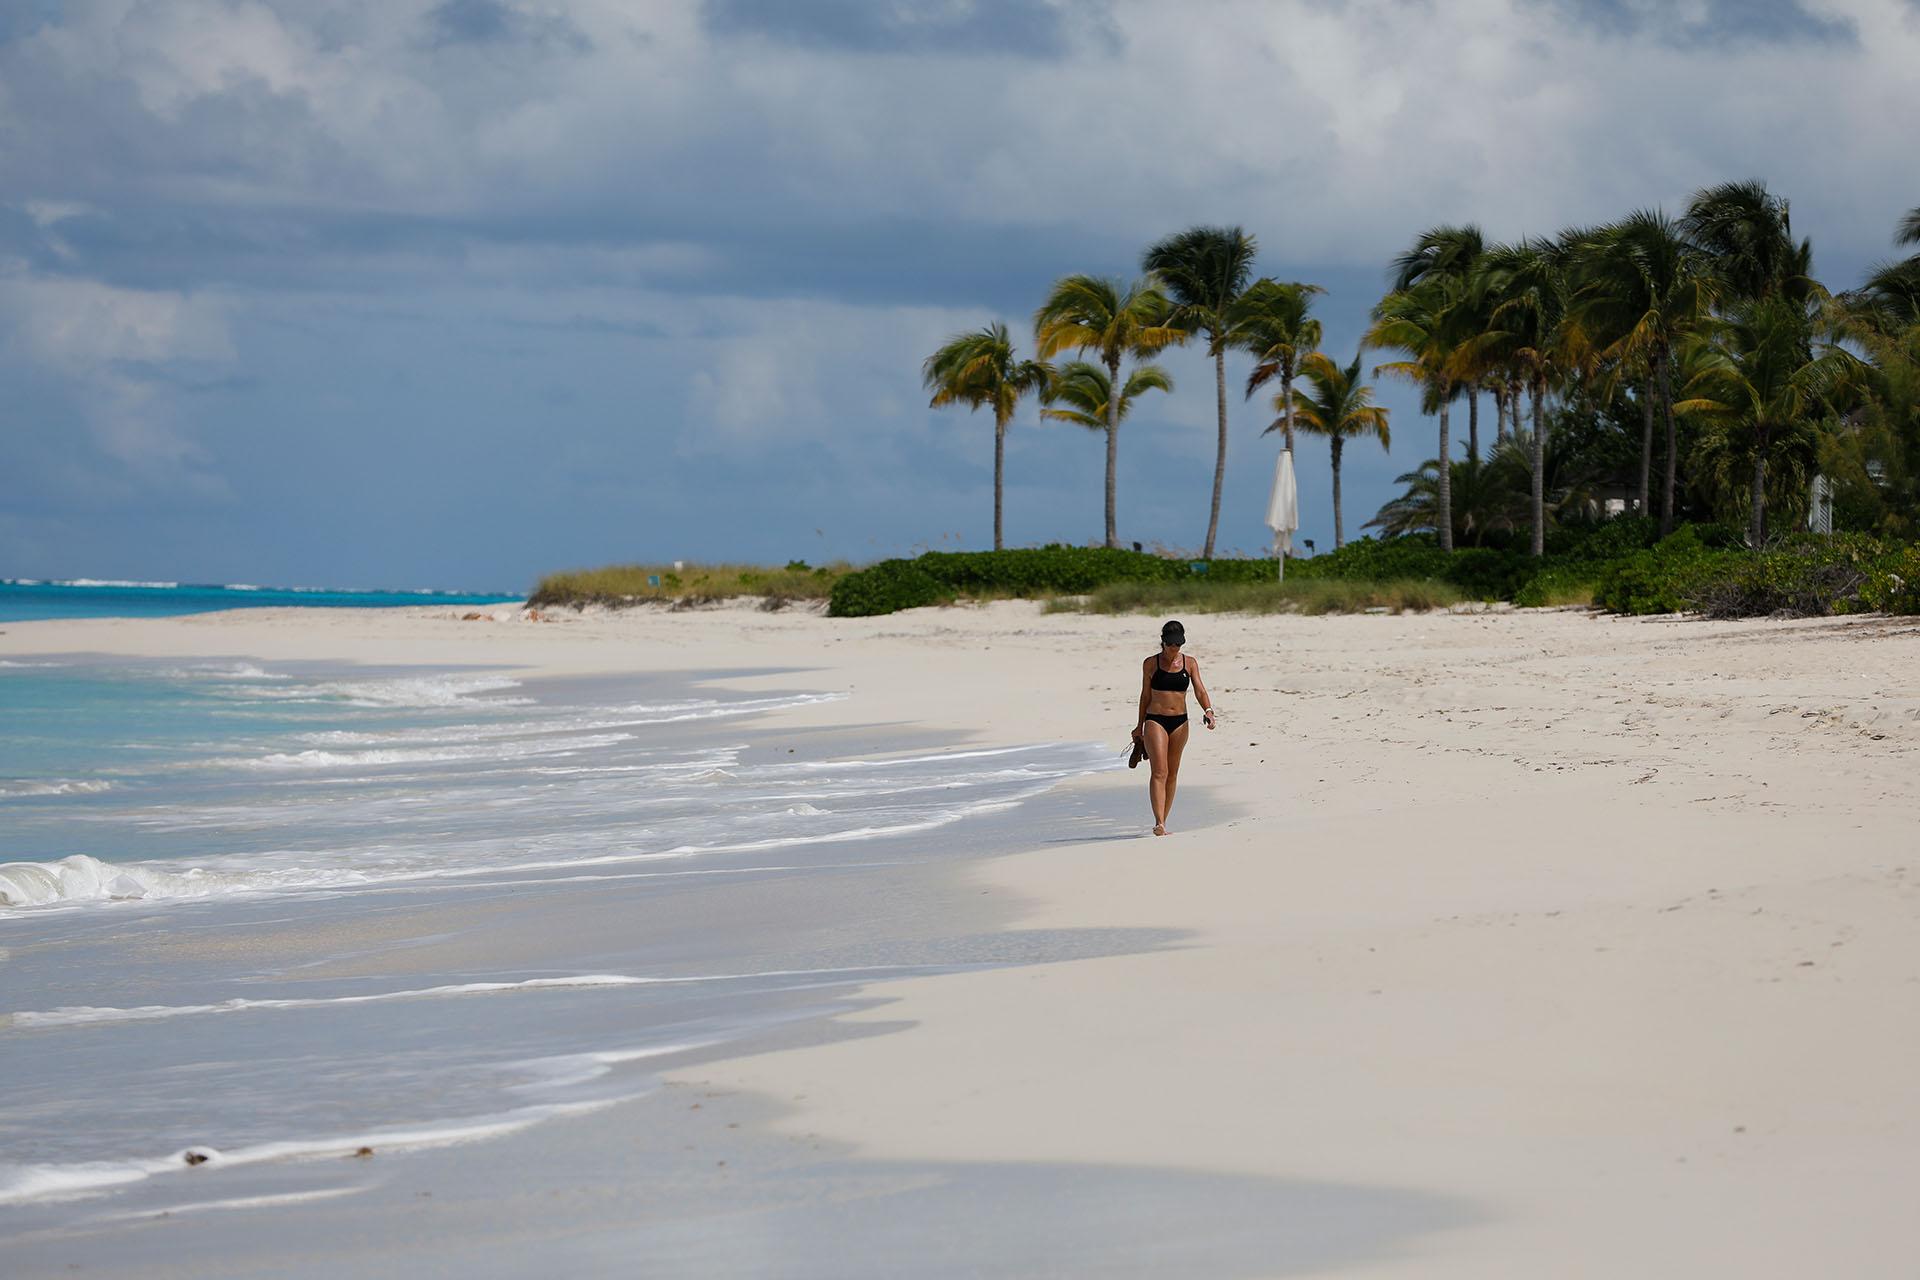 Una imagen de las paradisíacas playas de Turk and Caicos (Foto: Chule Valerga)